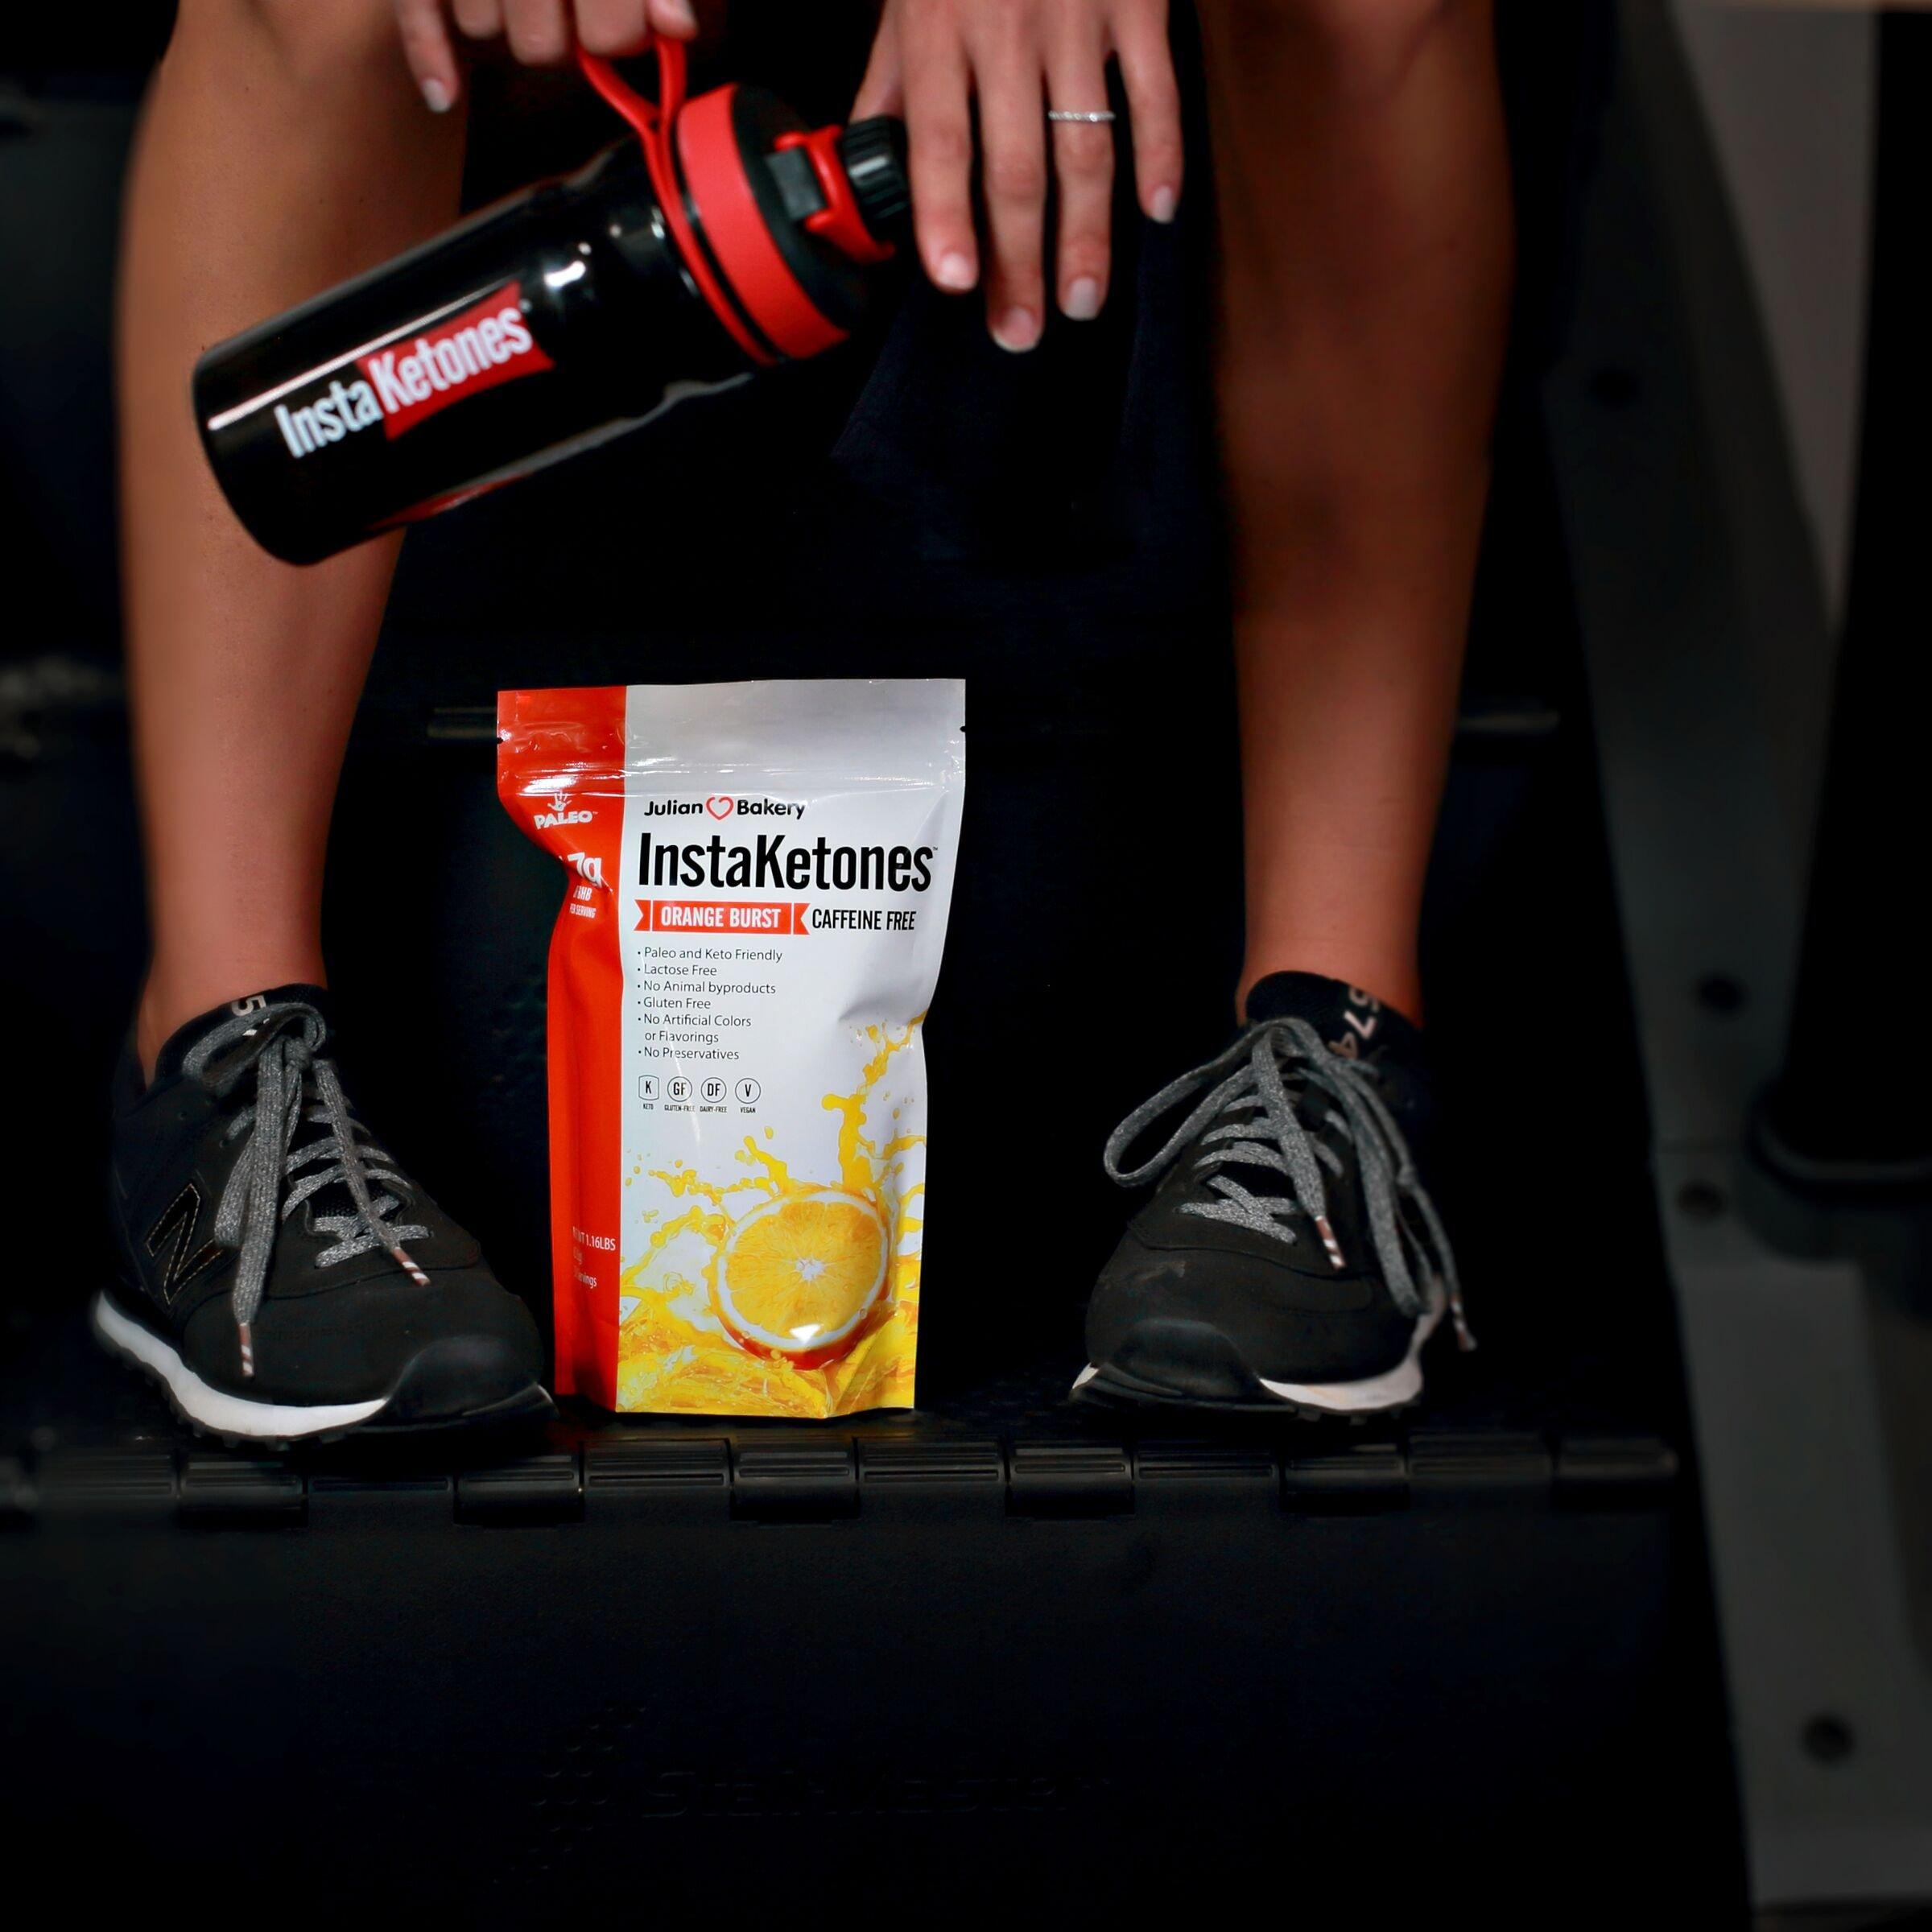 InstaKetones® Orange Burst 11.7g GoBHB® Per Scoop (Caffeine Free) (15 Servings) Exogenous Ketones .62 lbs by Julian Bakery